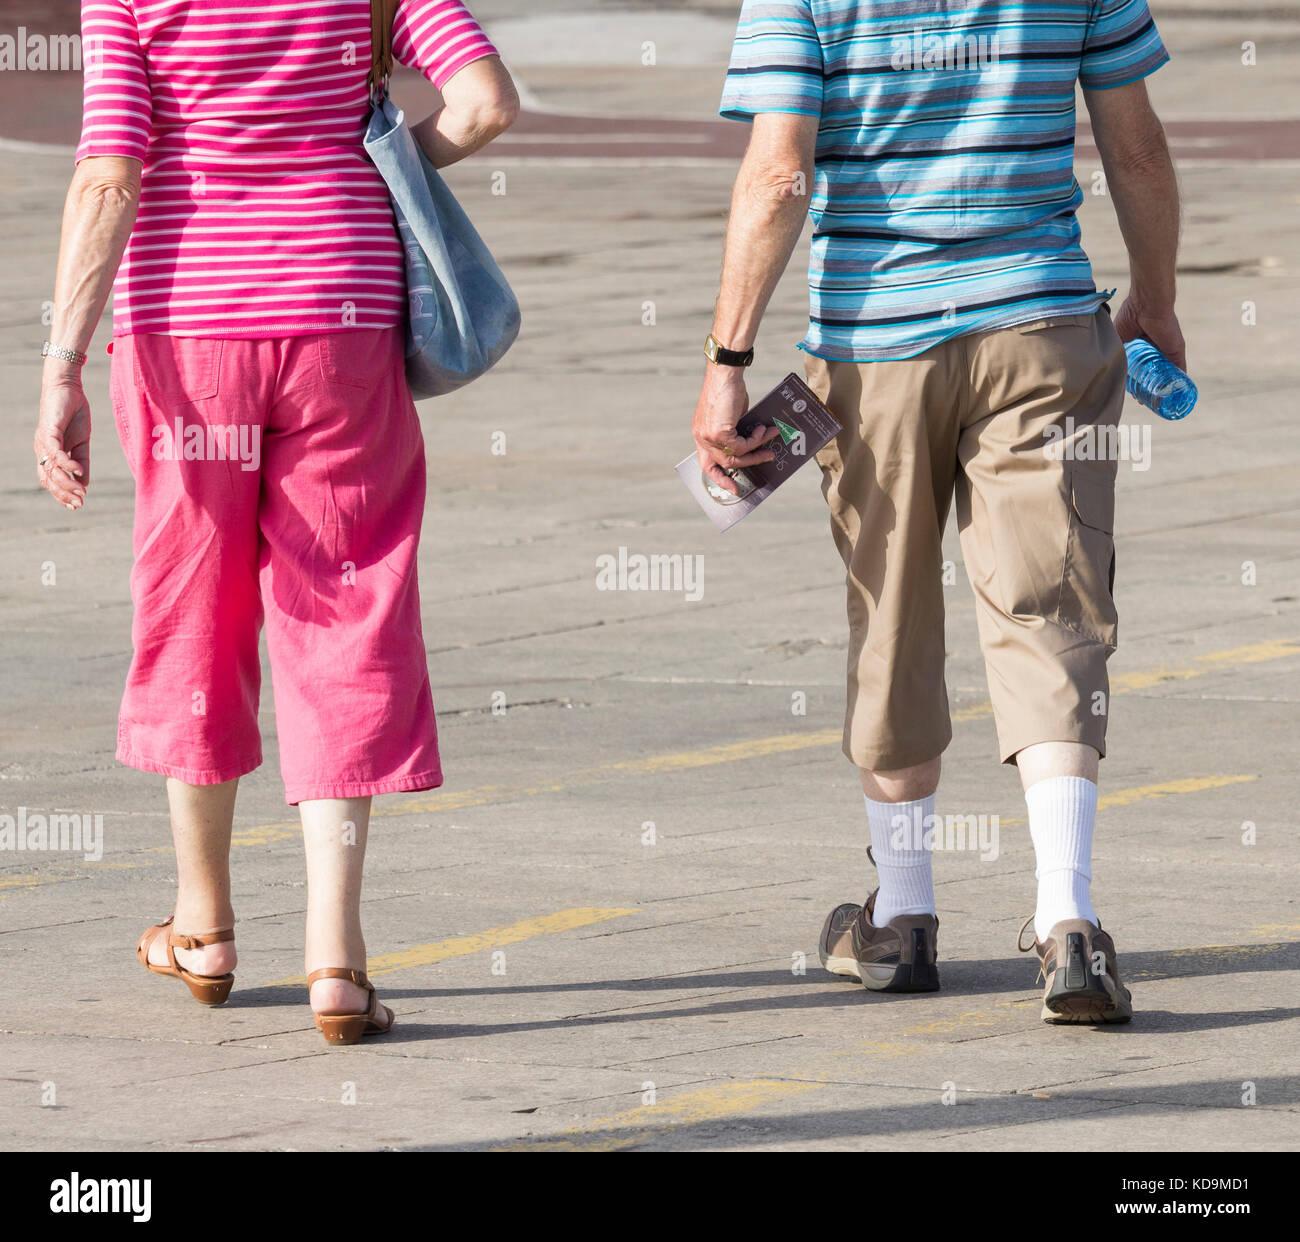 Vista Trasera De La Pareja Vistiendo Pantalones Tres Cuartos De Longitud El Hombre Tambien Lleva Calcetines Blancos En Espana Fotografia De Stock Alamy